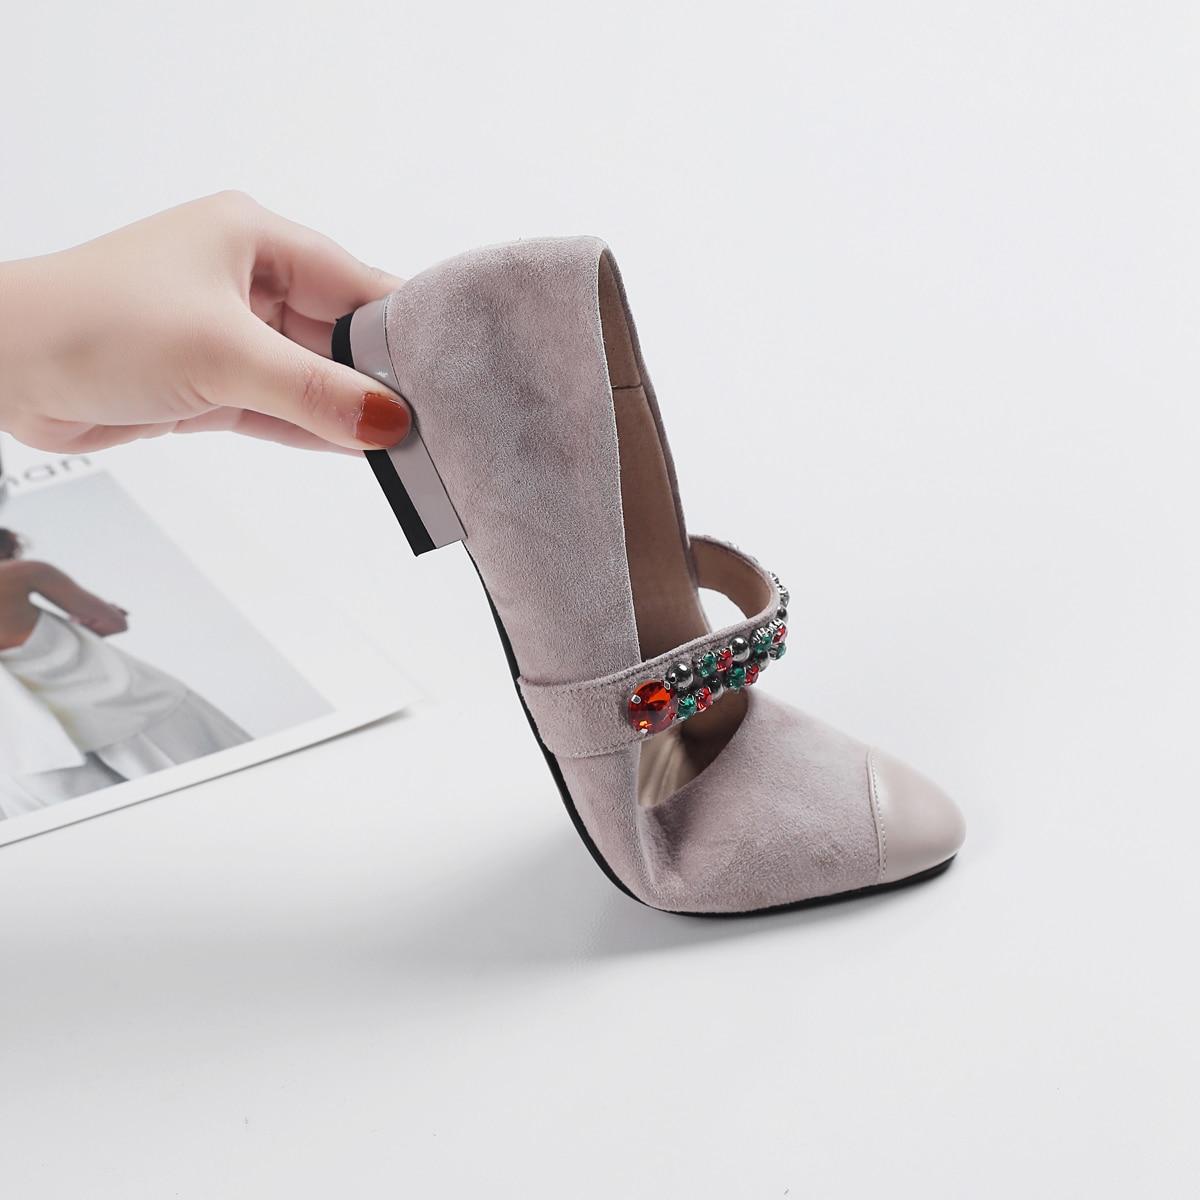 Femmes En Suede Appartements Bling Bout Ballet Chaussures Confortable gris Plat Noir Cristal Élégant rose Lady Brillant Rouned Cuir qEwwx4UF